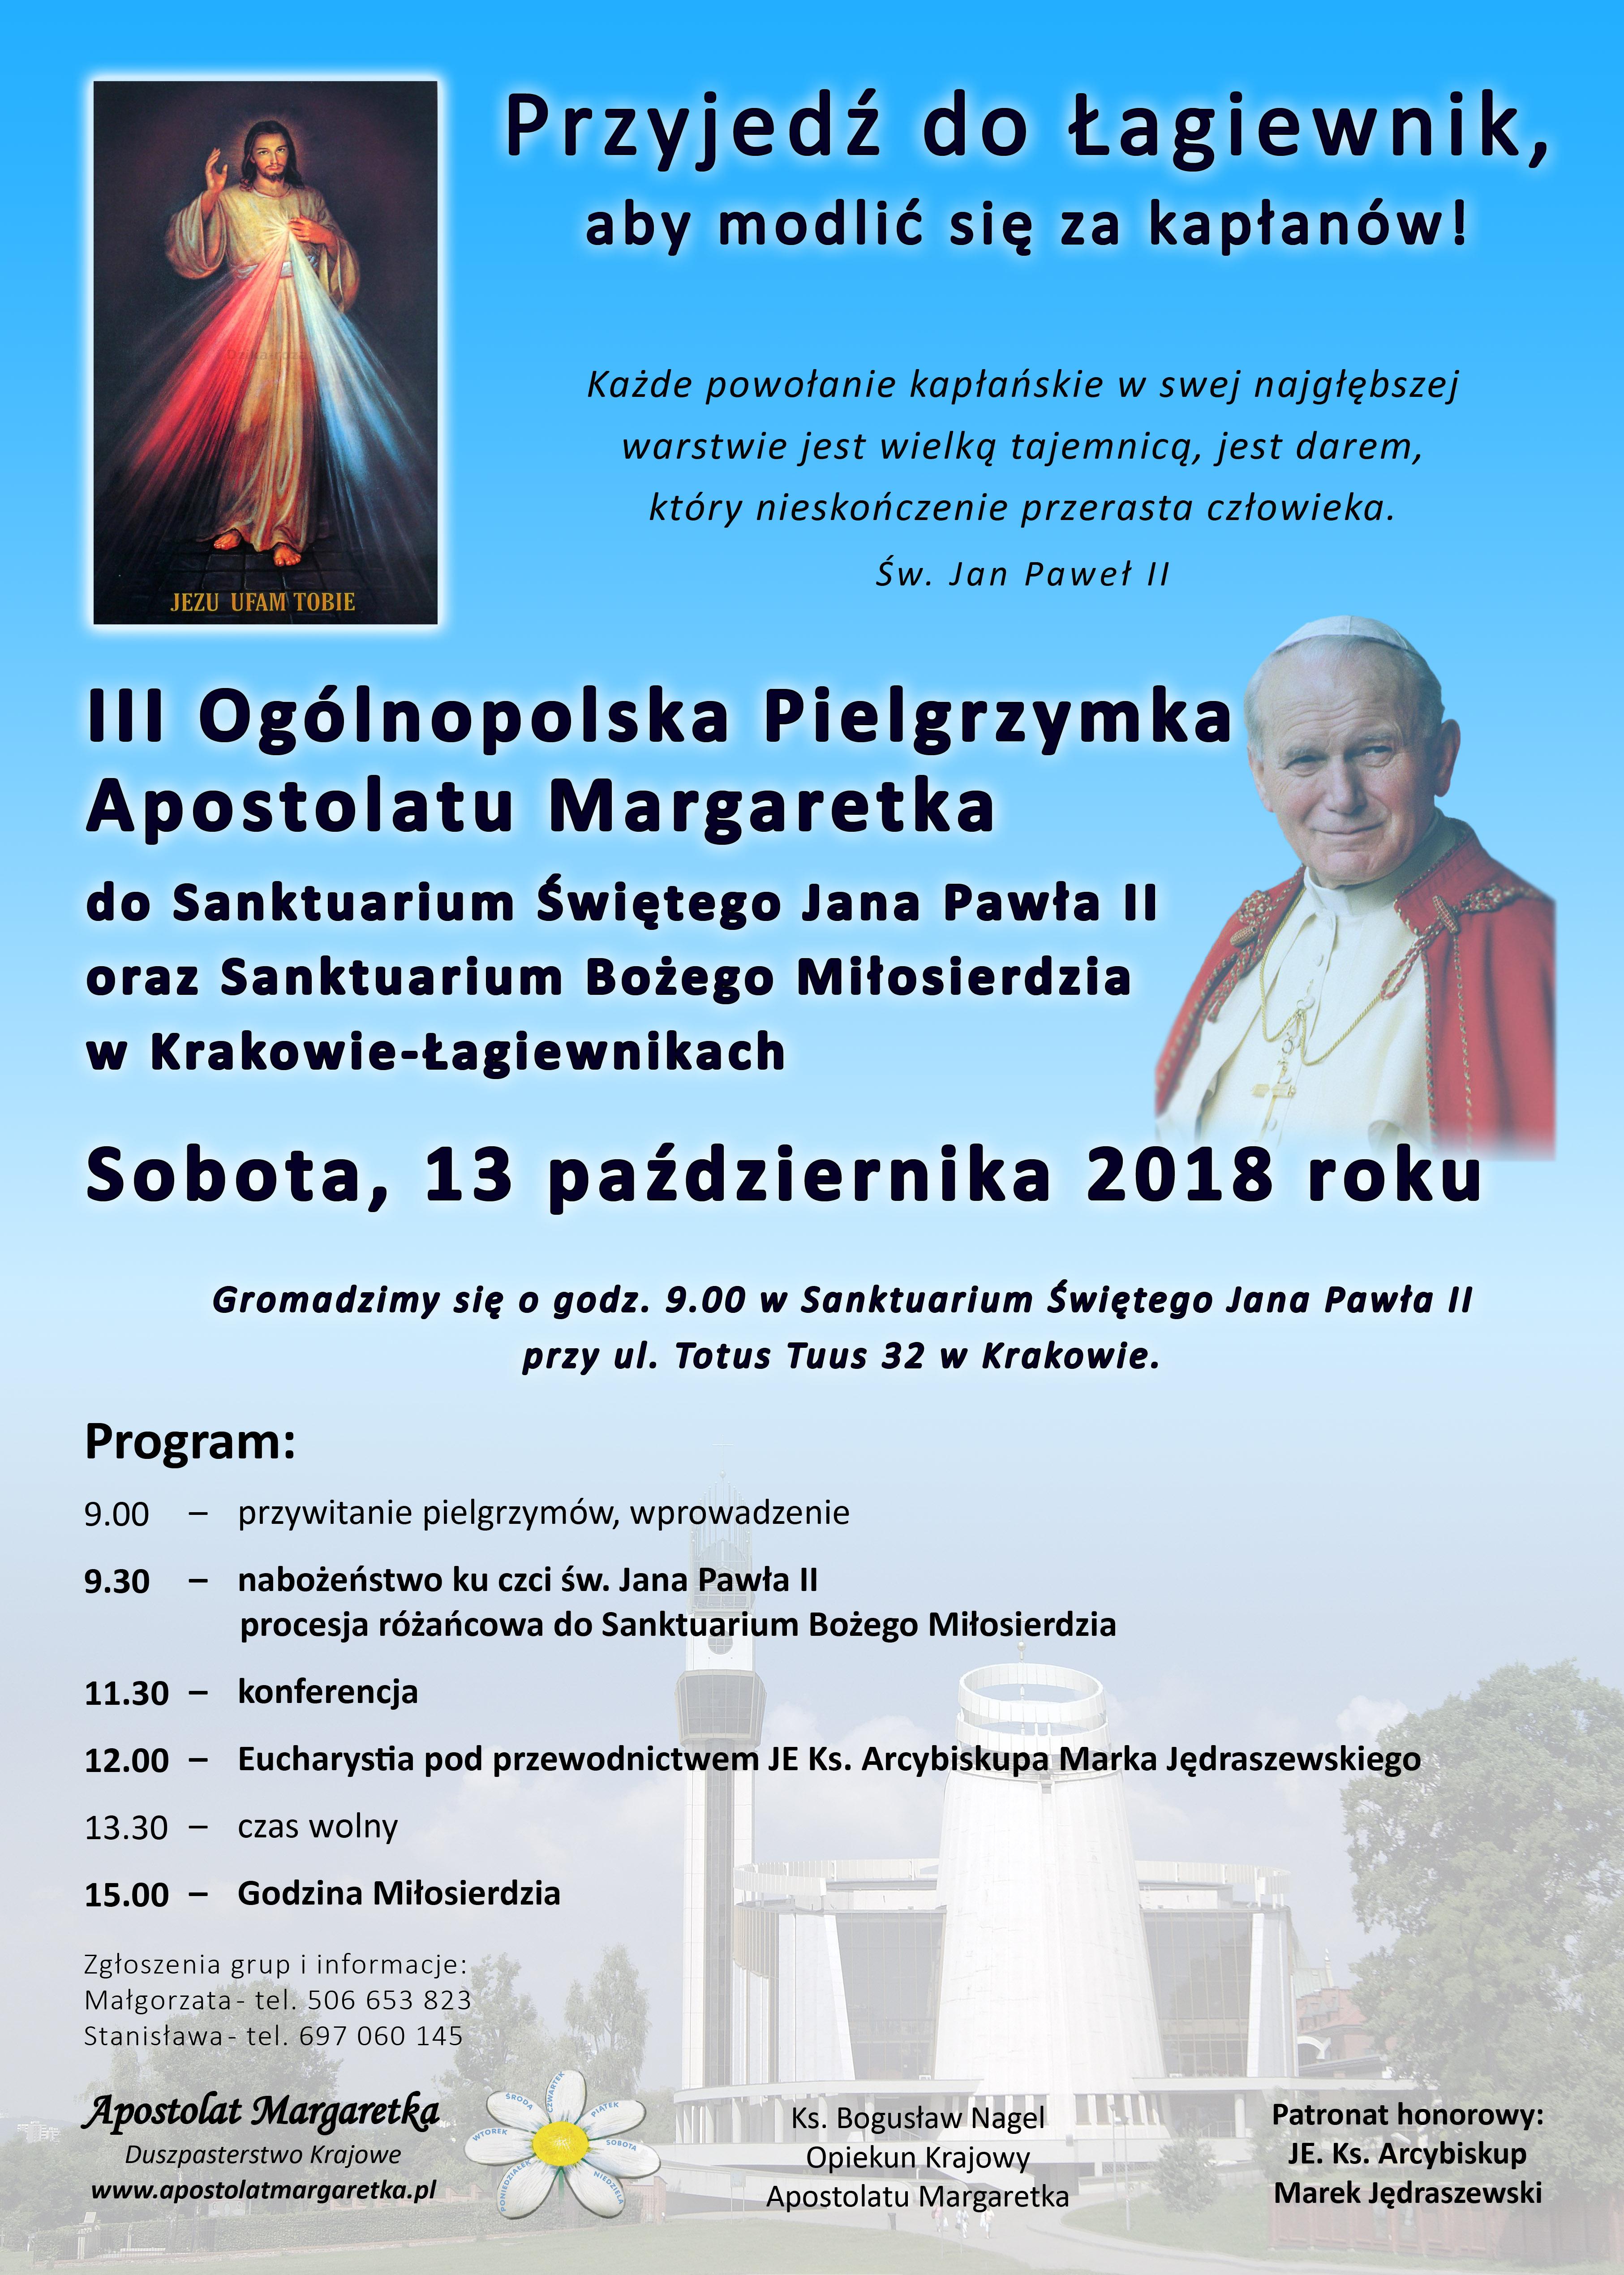 III Ogólnopolska Pielgrzymka Apostolatu Margaretka do Sanktuarium Świętego Jana Pawła II oraz Sanktuarium Bożego Miłosierdzia w Krakowie-Łagiewnikach